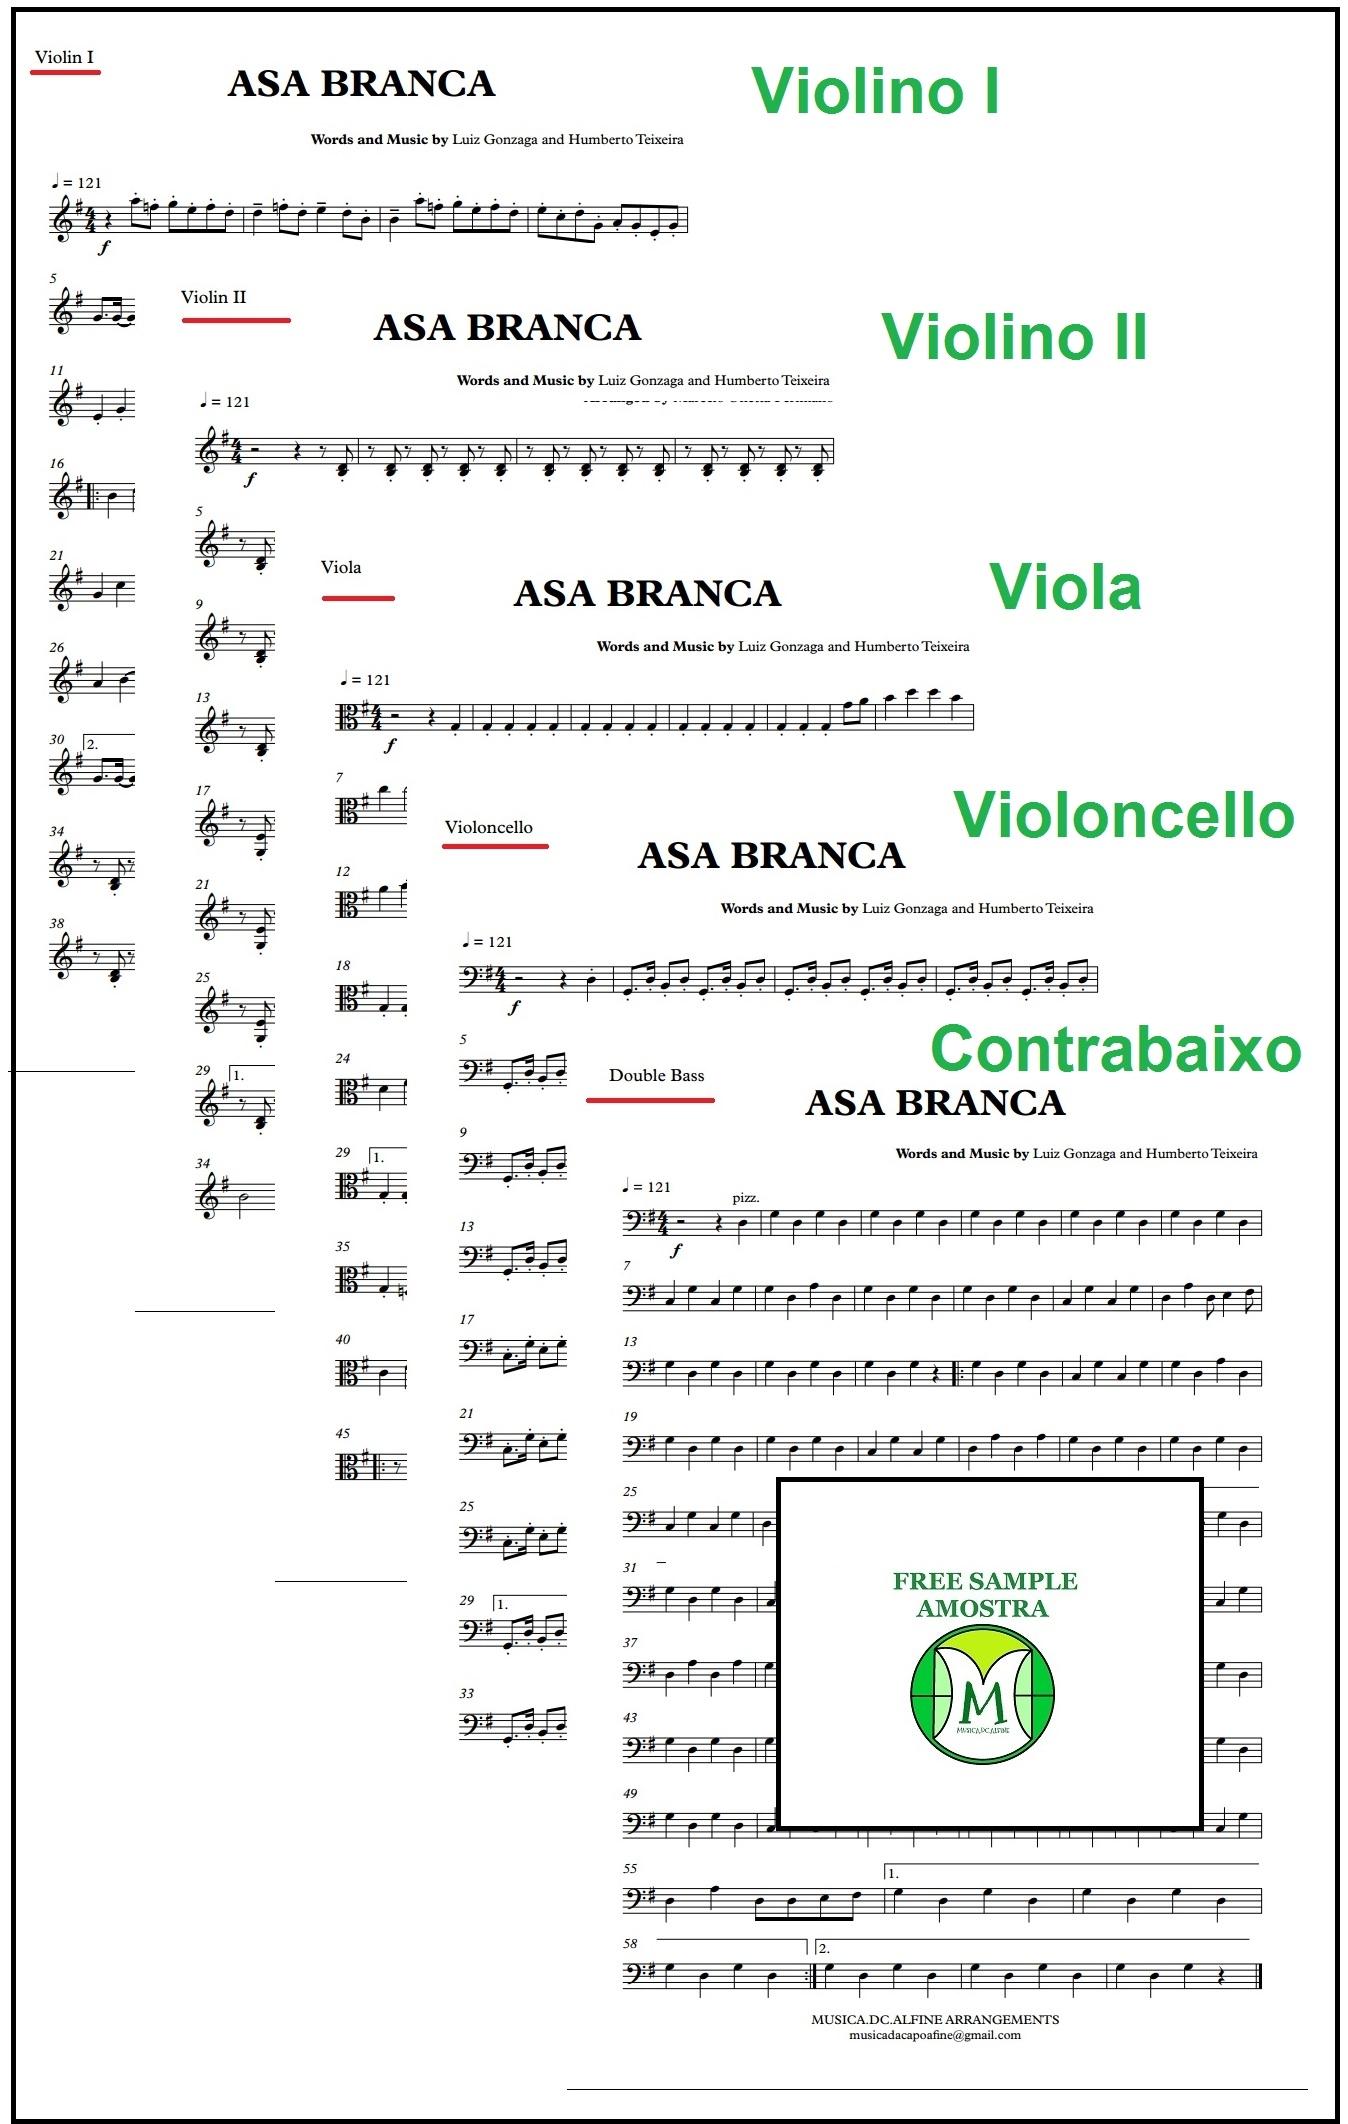 DOWNLOAD MUSICA GRATUITO PLAYBACK ASA DA BRANCA